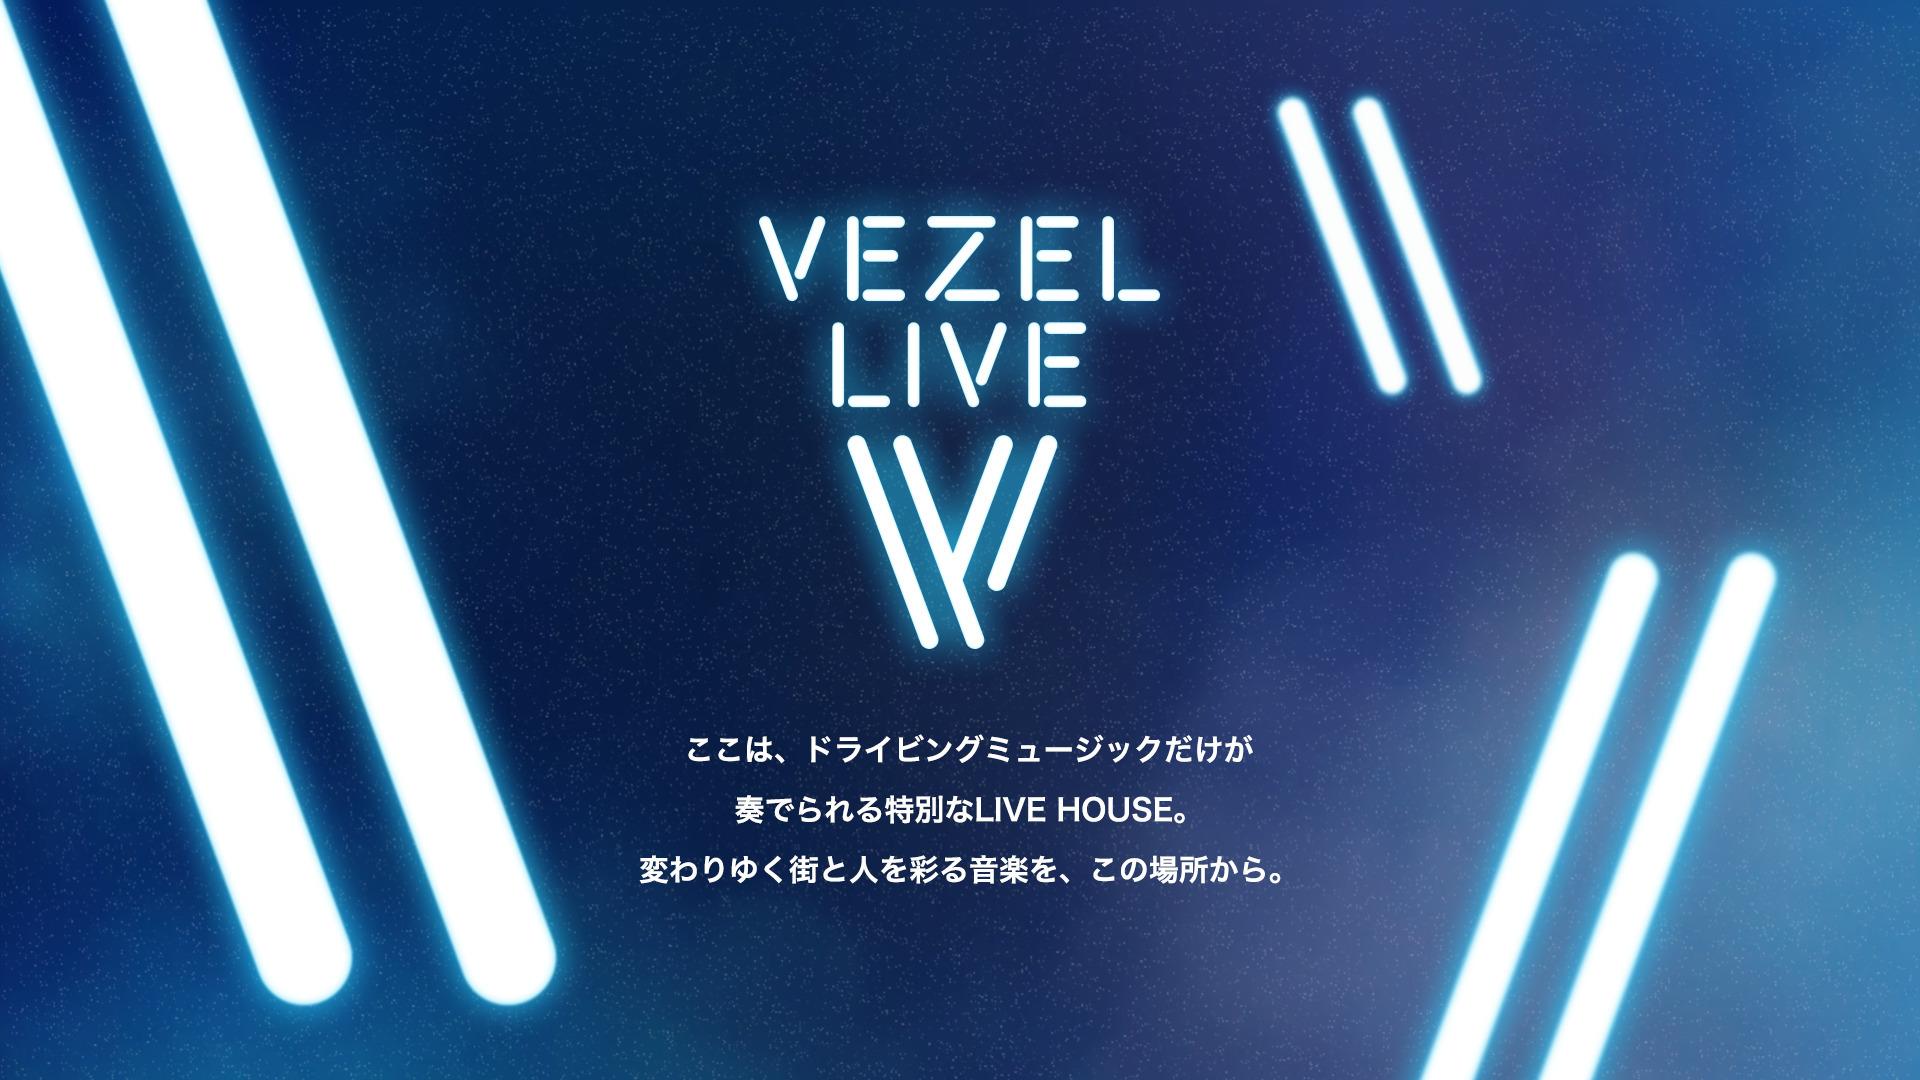 『VEZEL LIVE』